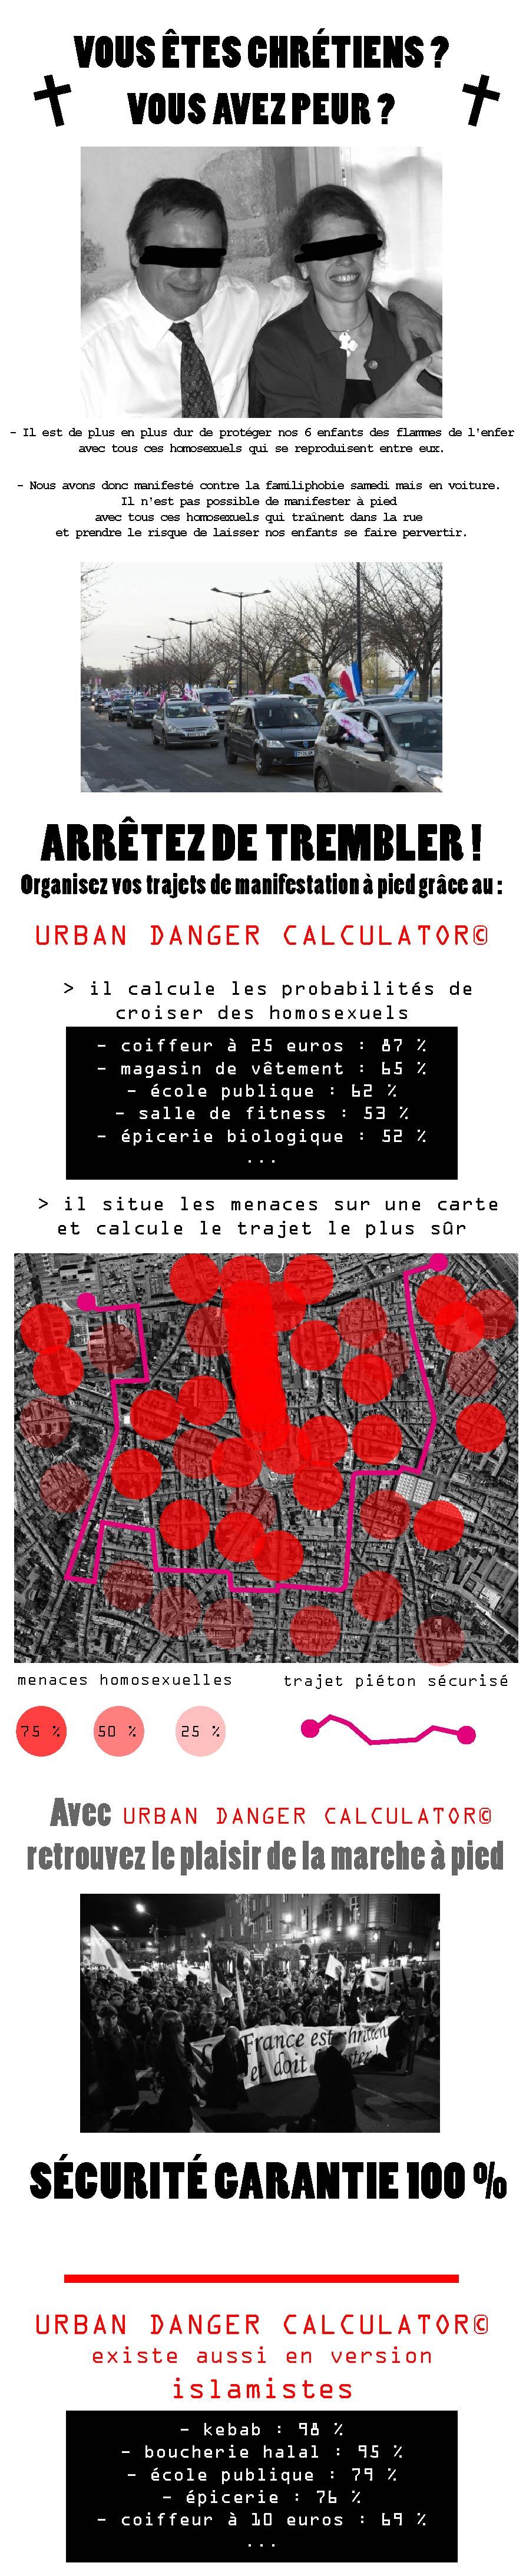 deuxdegres_peurs_urban-danger-calculator